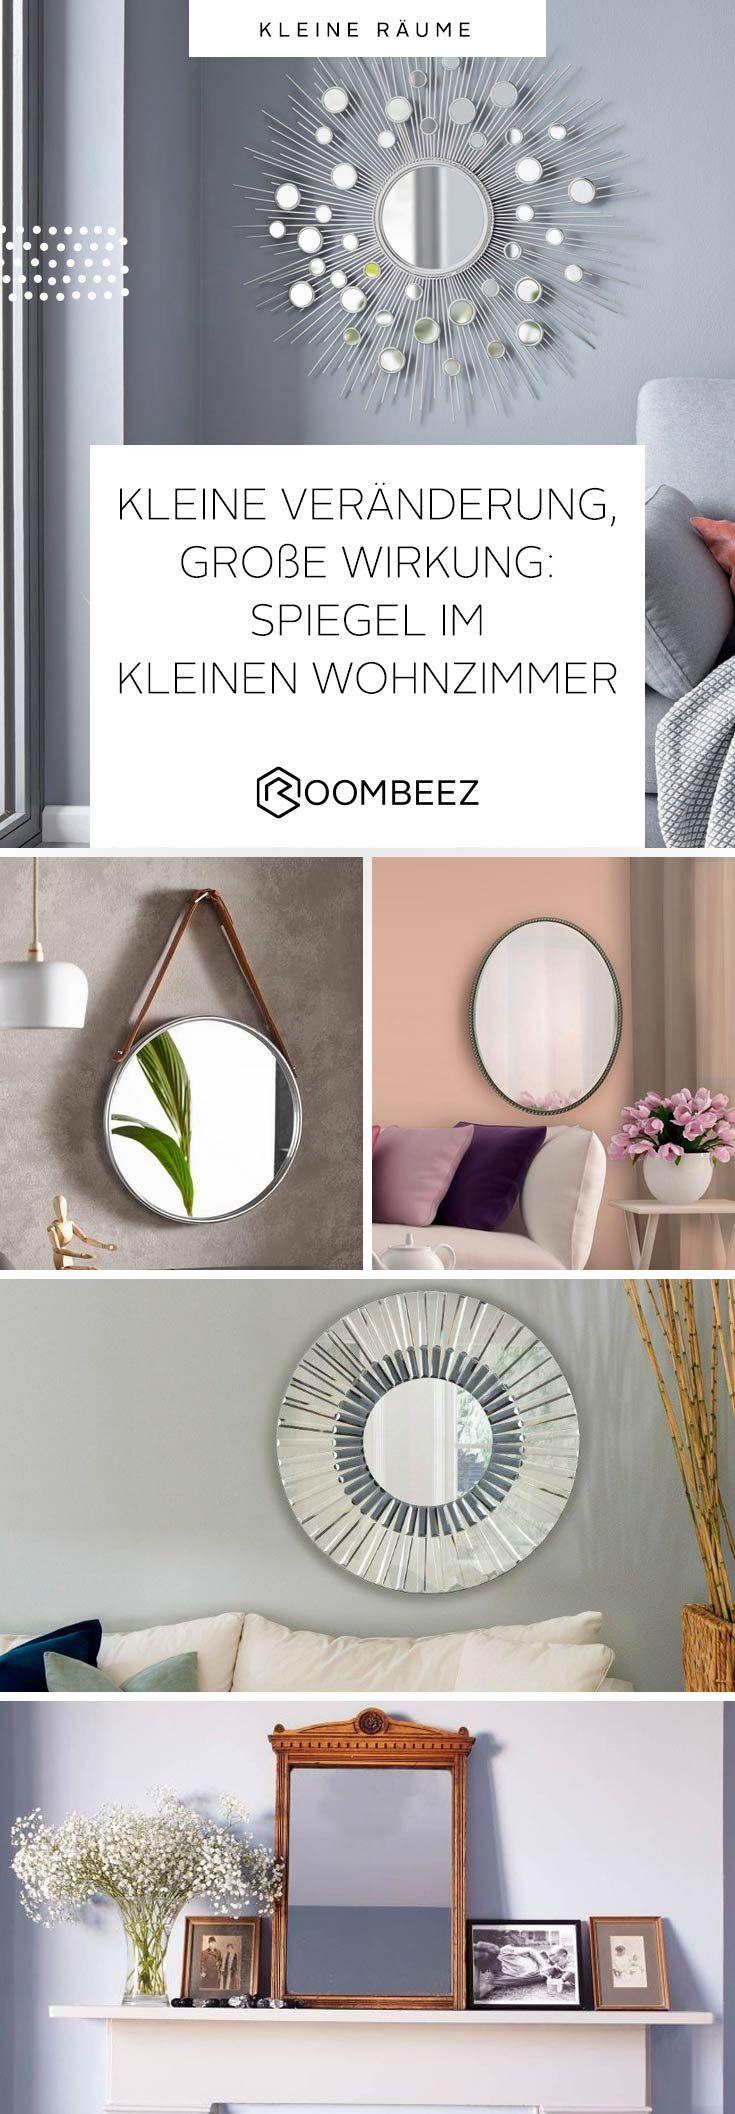 Spiegel » Perfekt für kleine Wohnzimmer  OTTO  Kleine wohnzimmer